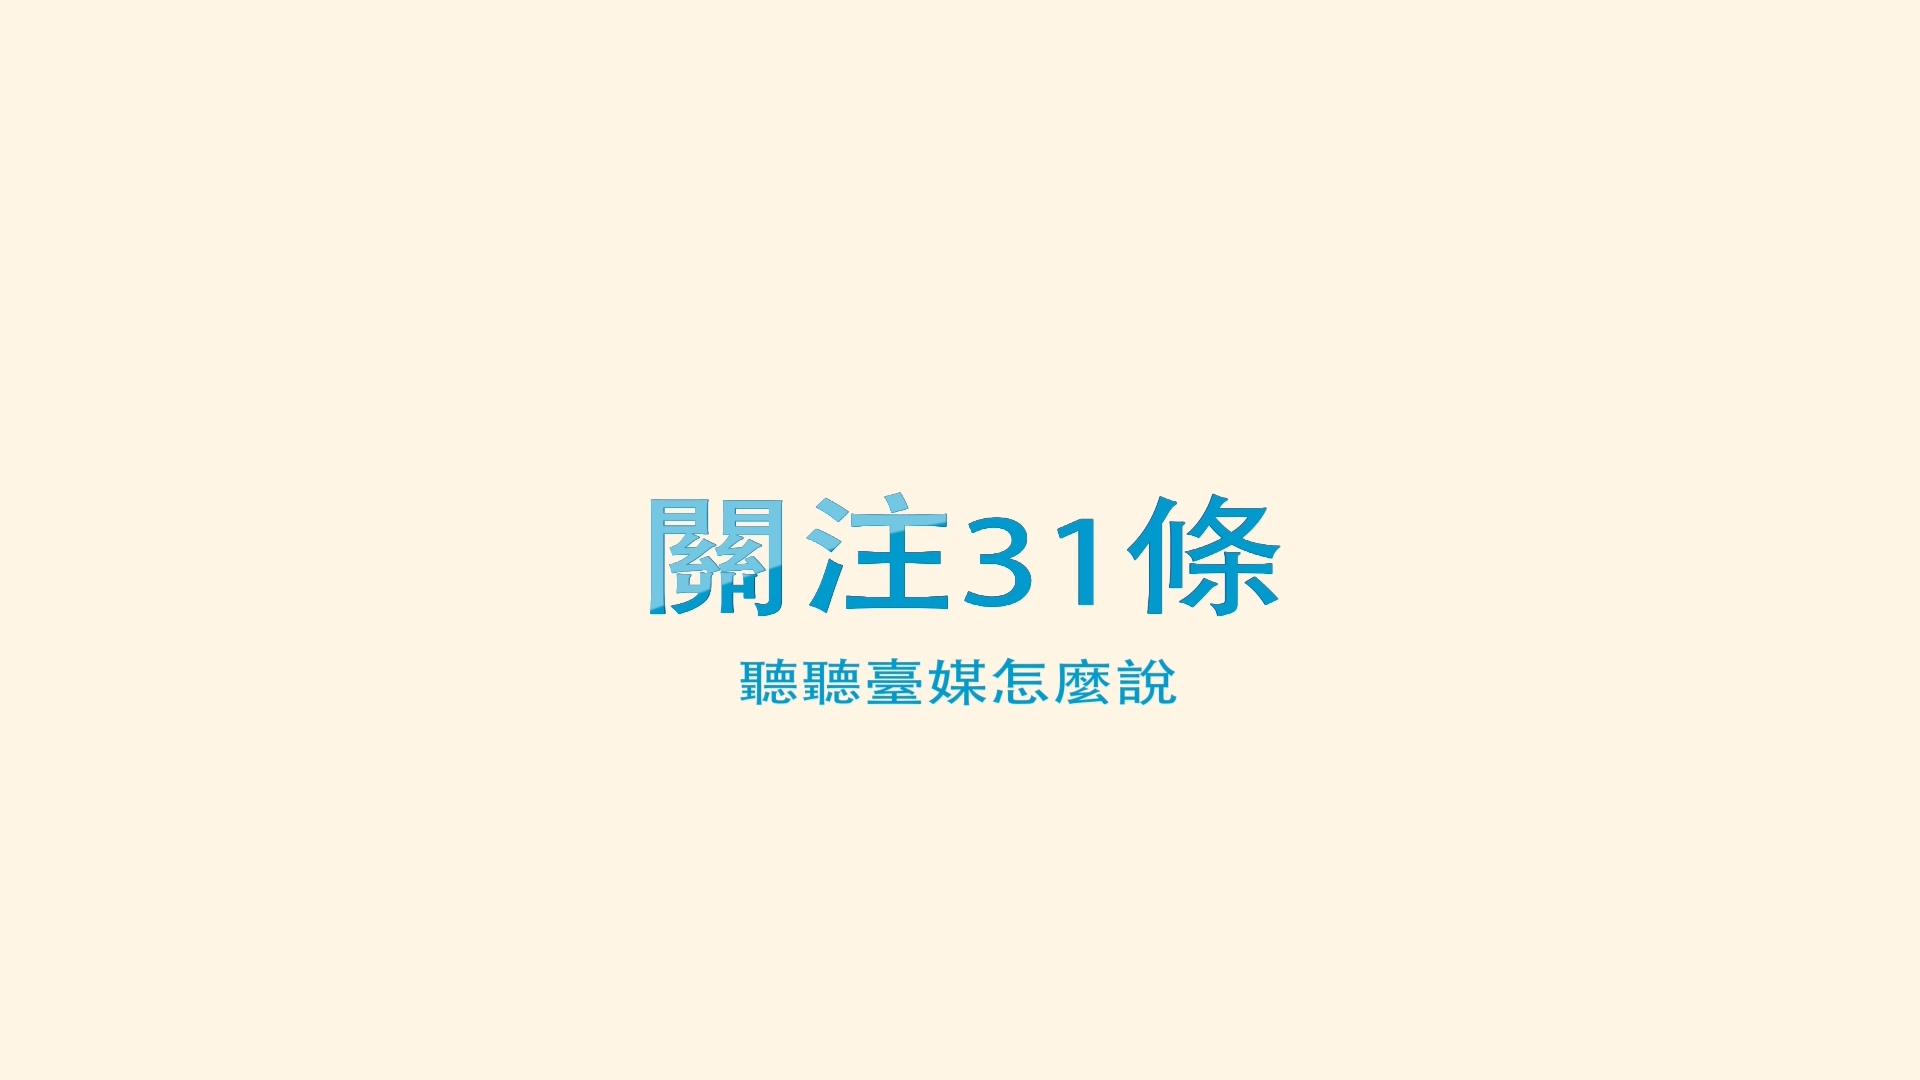 """大奖888媒体谈""""31条"""".mp4_20180803_162840.065.jpg"""